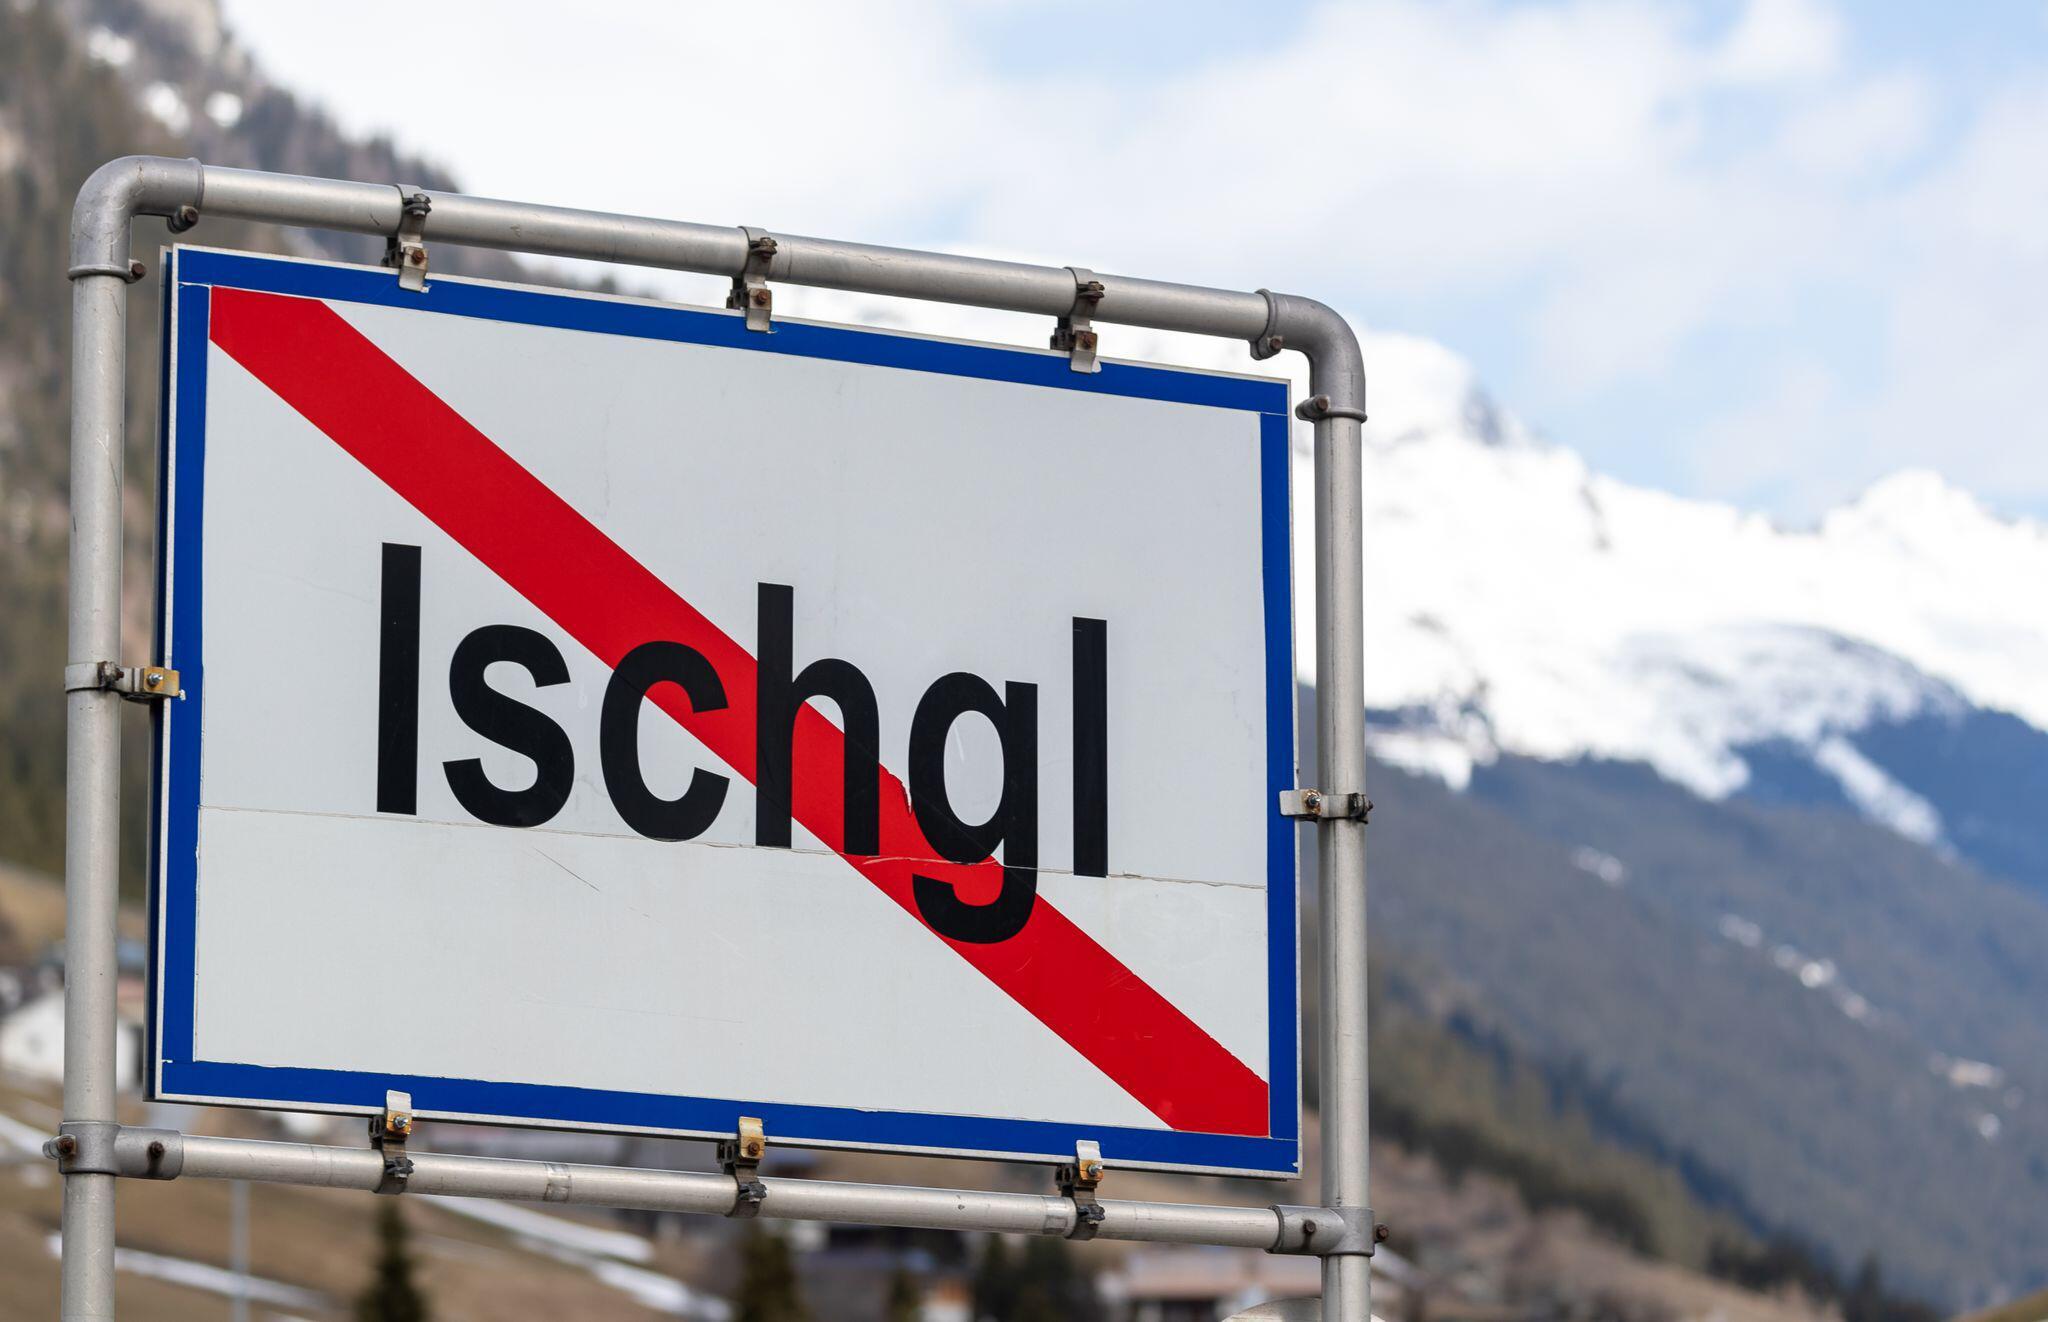 Bild zu Ischgl - Ortsschild